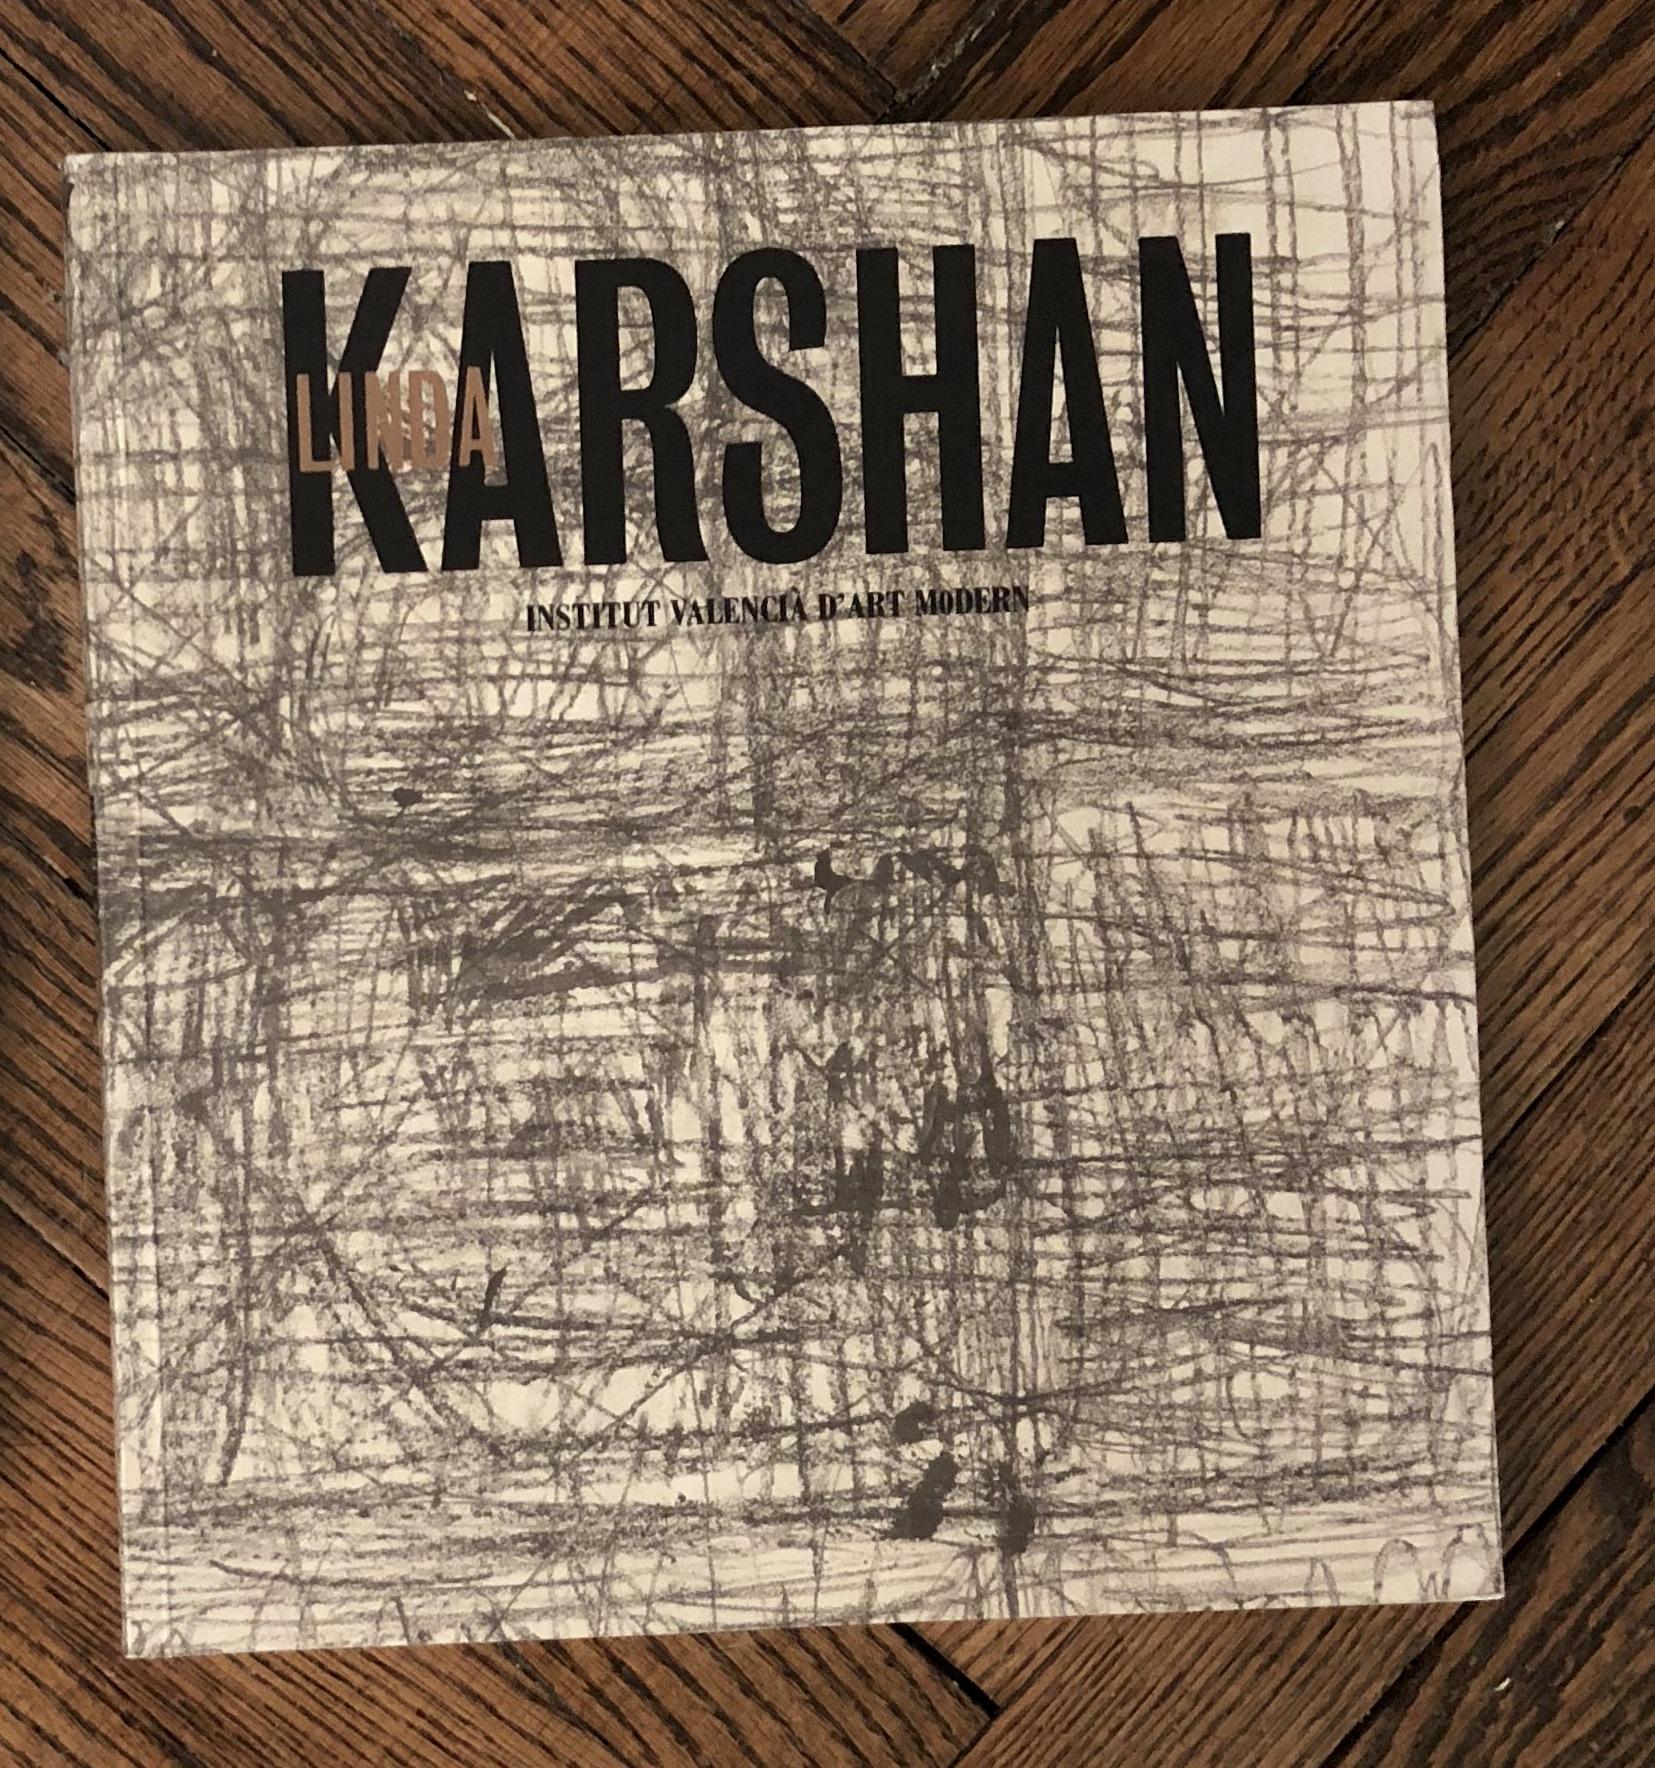 2002 - Valencia - Karshan.jpg